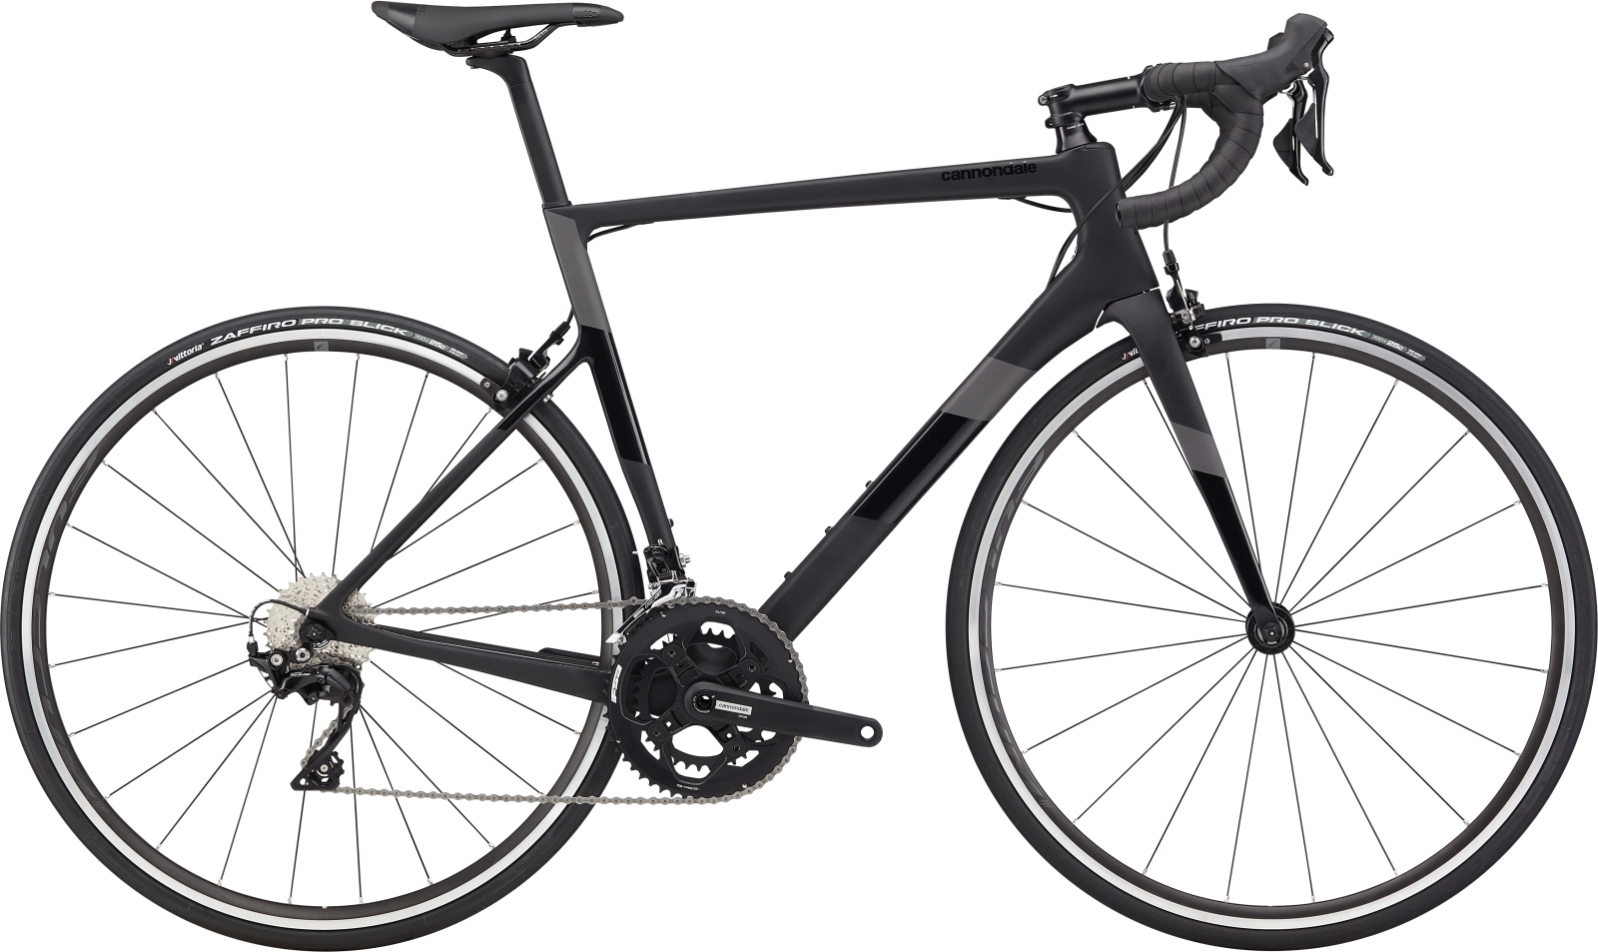 Cannondale Super Six Evo Carbon 105 52/36 országúti kerékpár - fekete - 58 cm (2020)